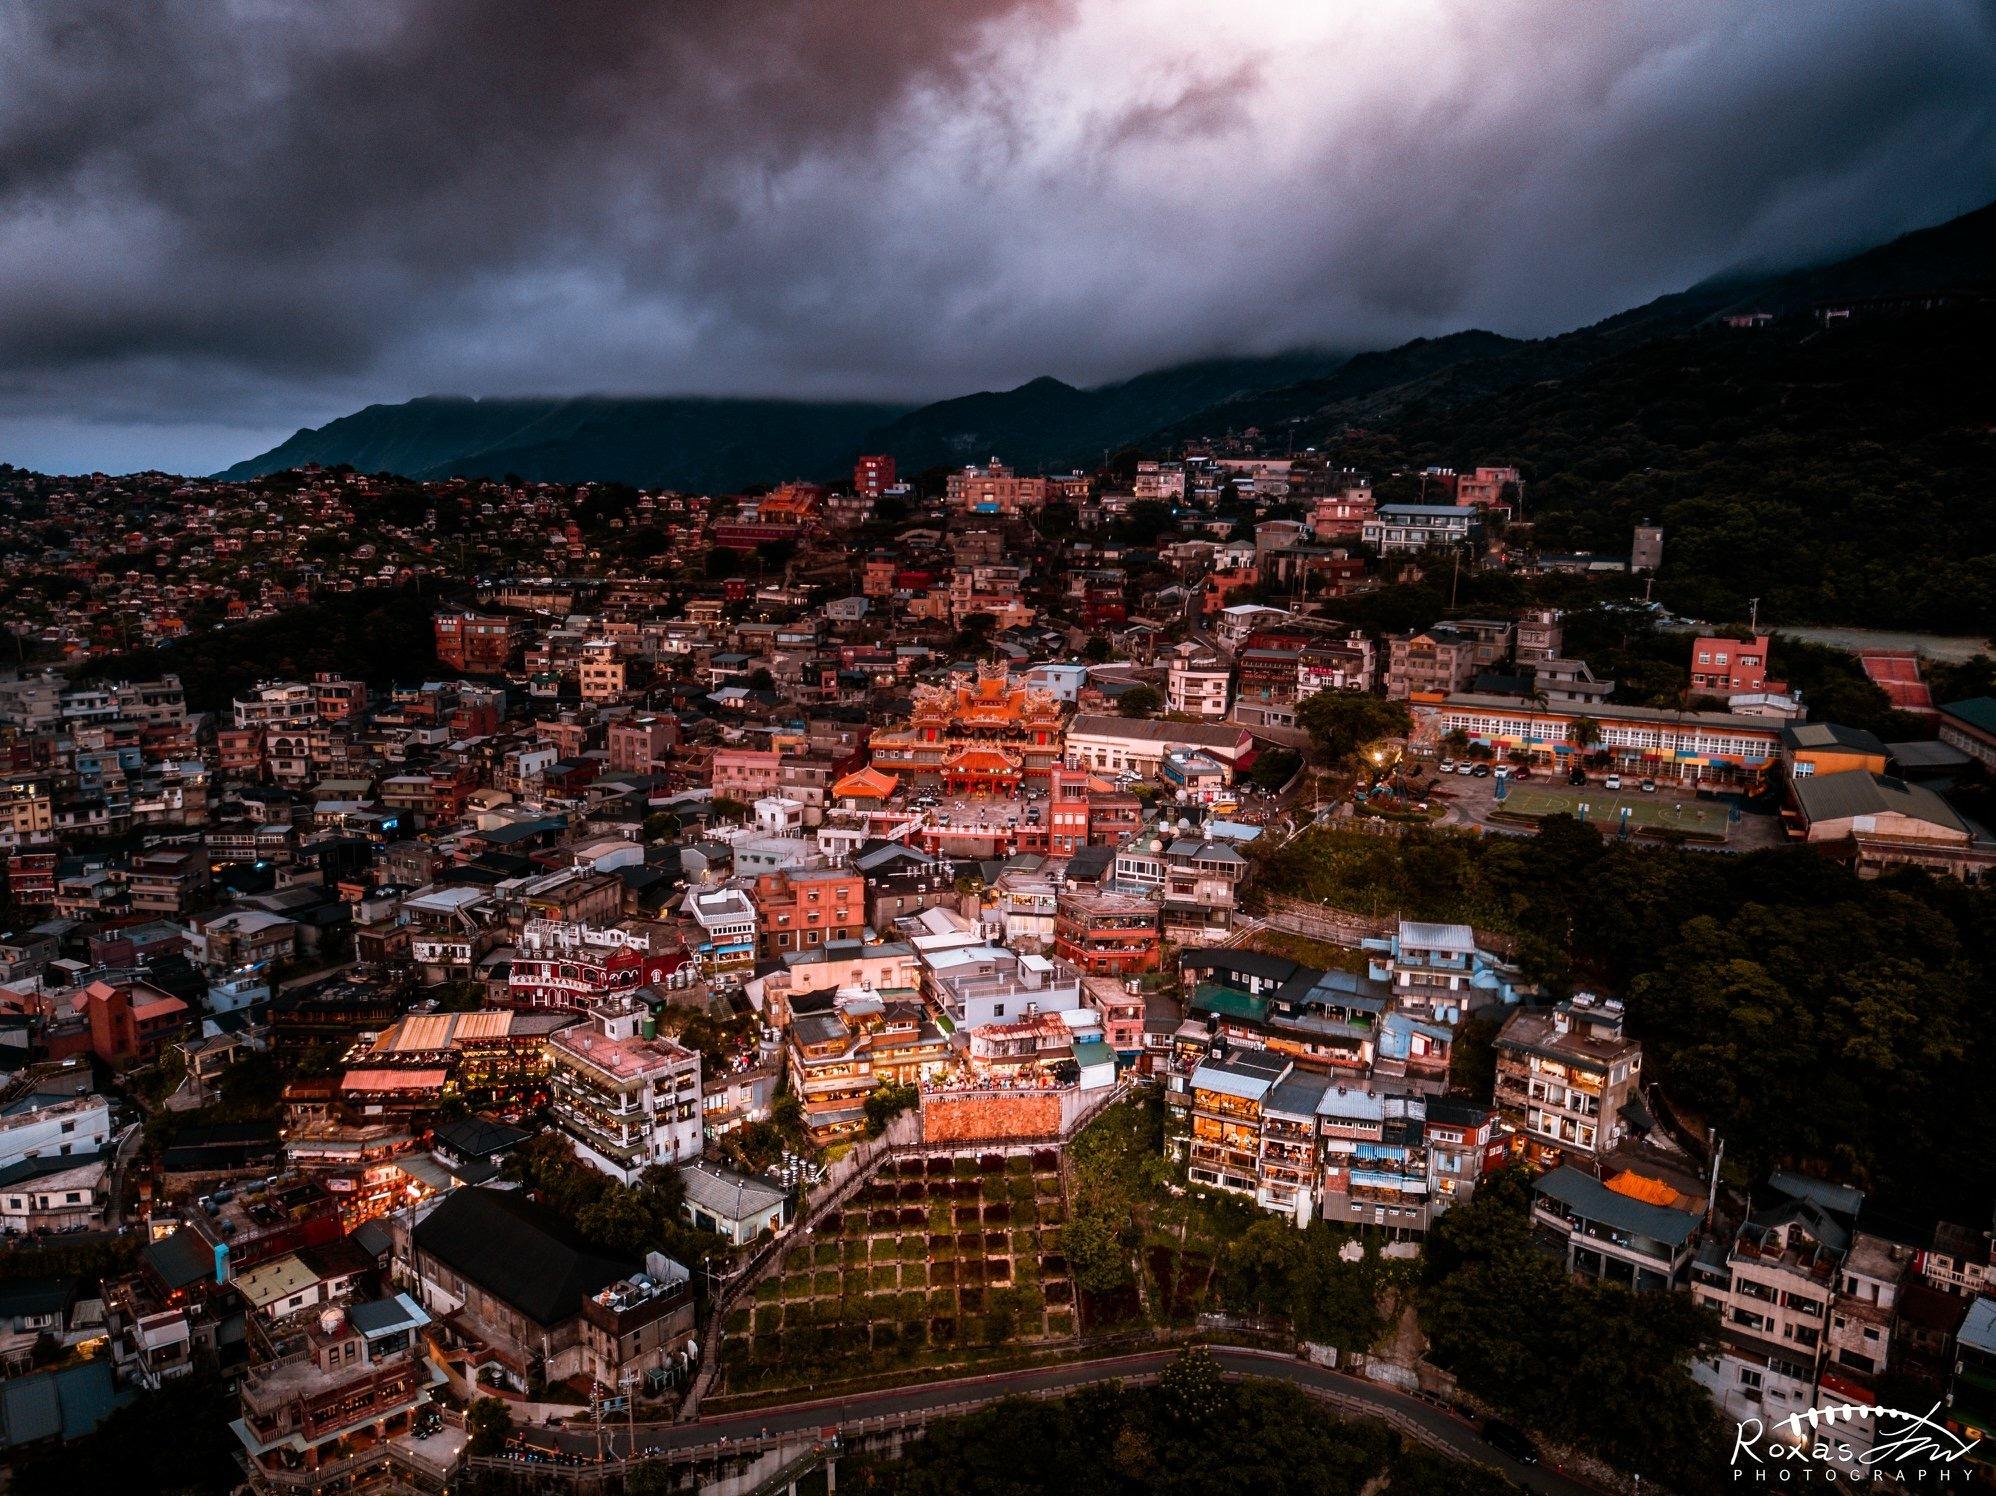 Old town of Jiufen by Roxas Jian Wen